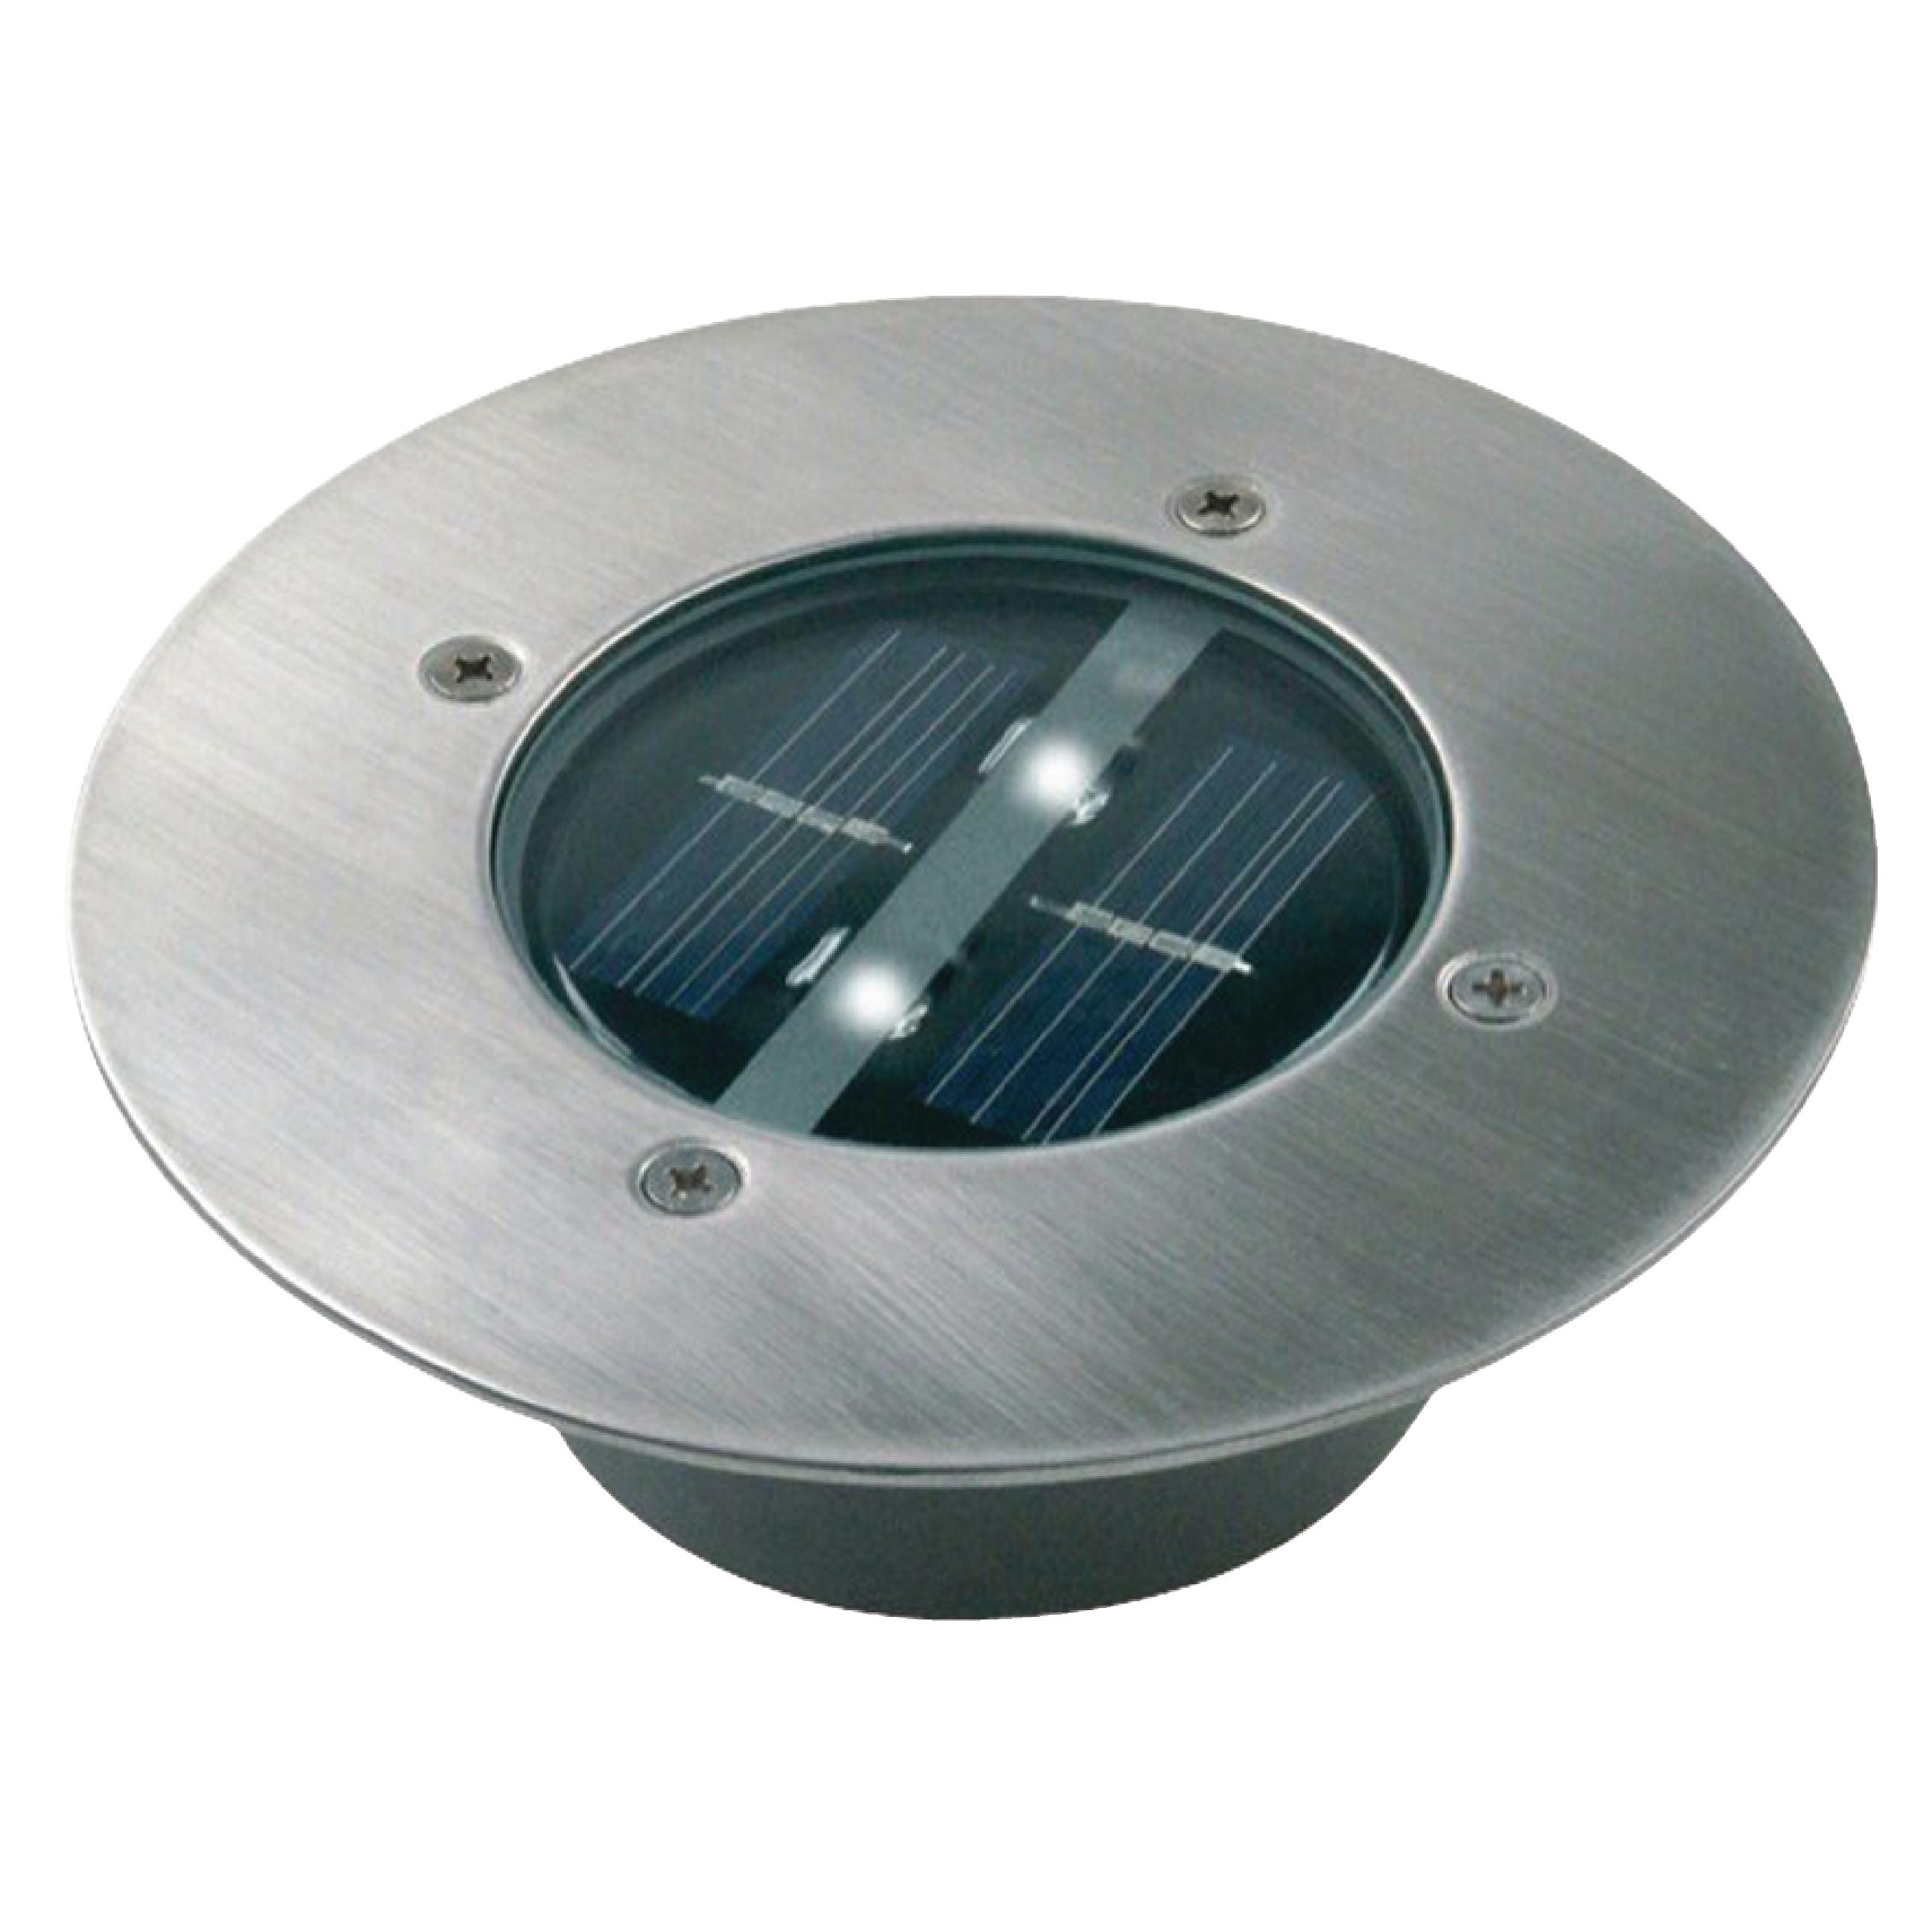 solar-bodenstrahler-2-led-rund